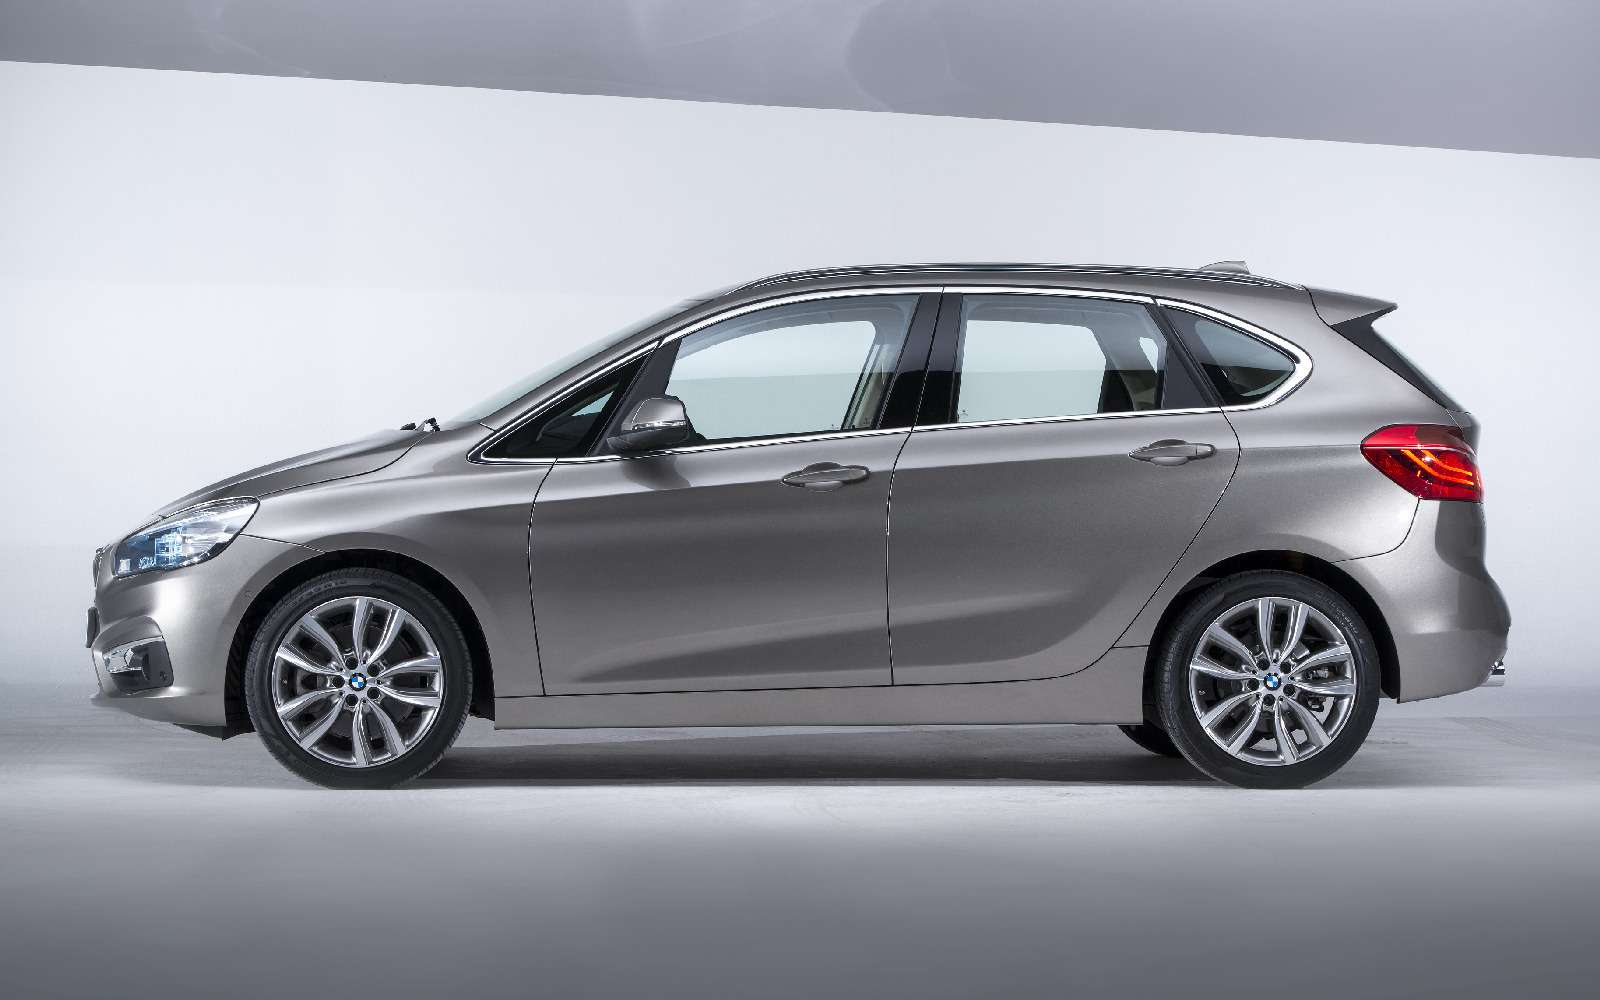 BMW2-й серии Active Tourer: объявлены рублевые цены— фото 722799